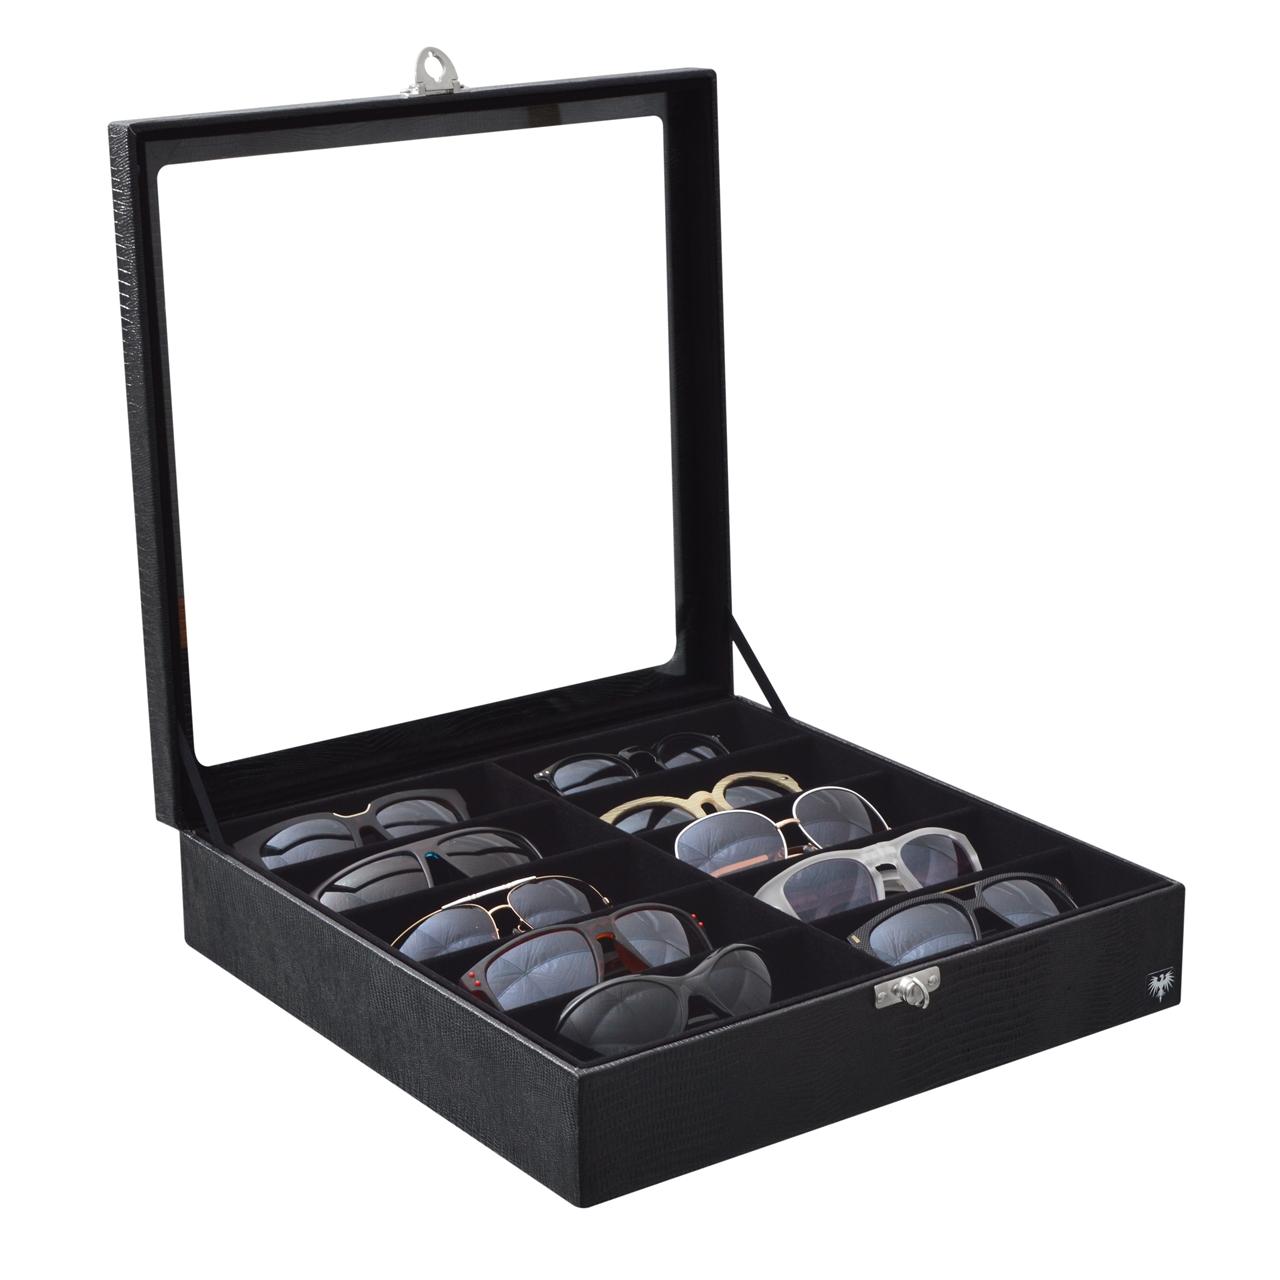 estojo-couro-ecologico-10-oculos-preto-preto-porta-caixa-imagem-2.jpg